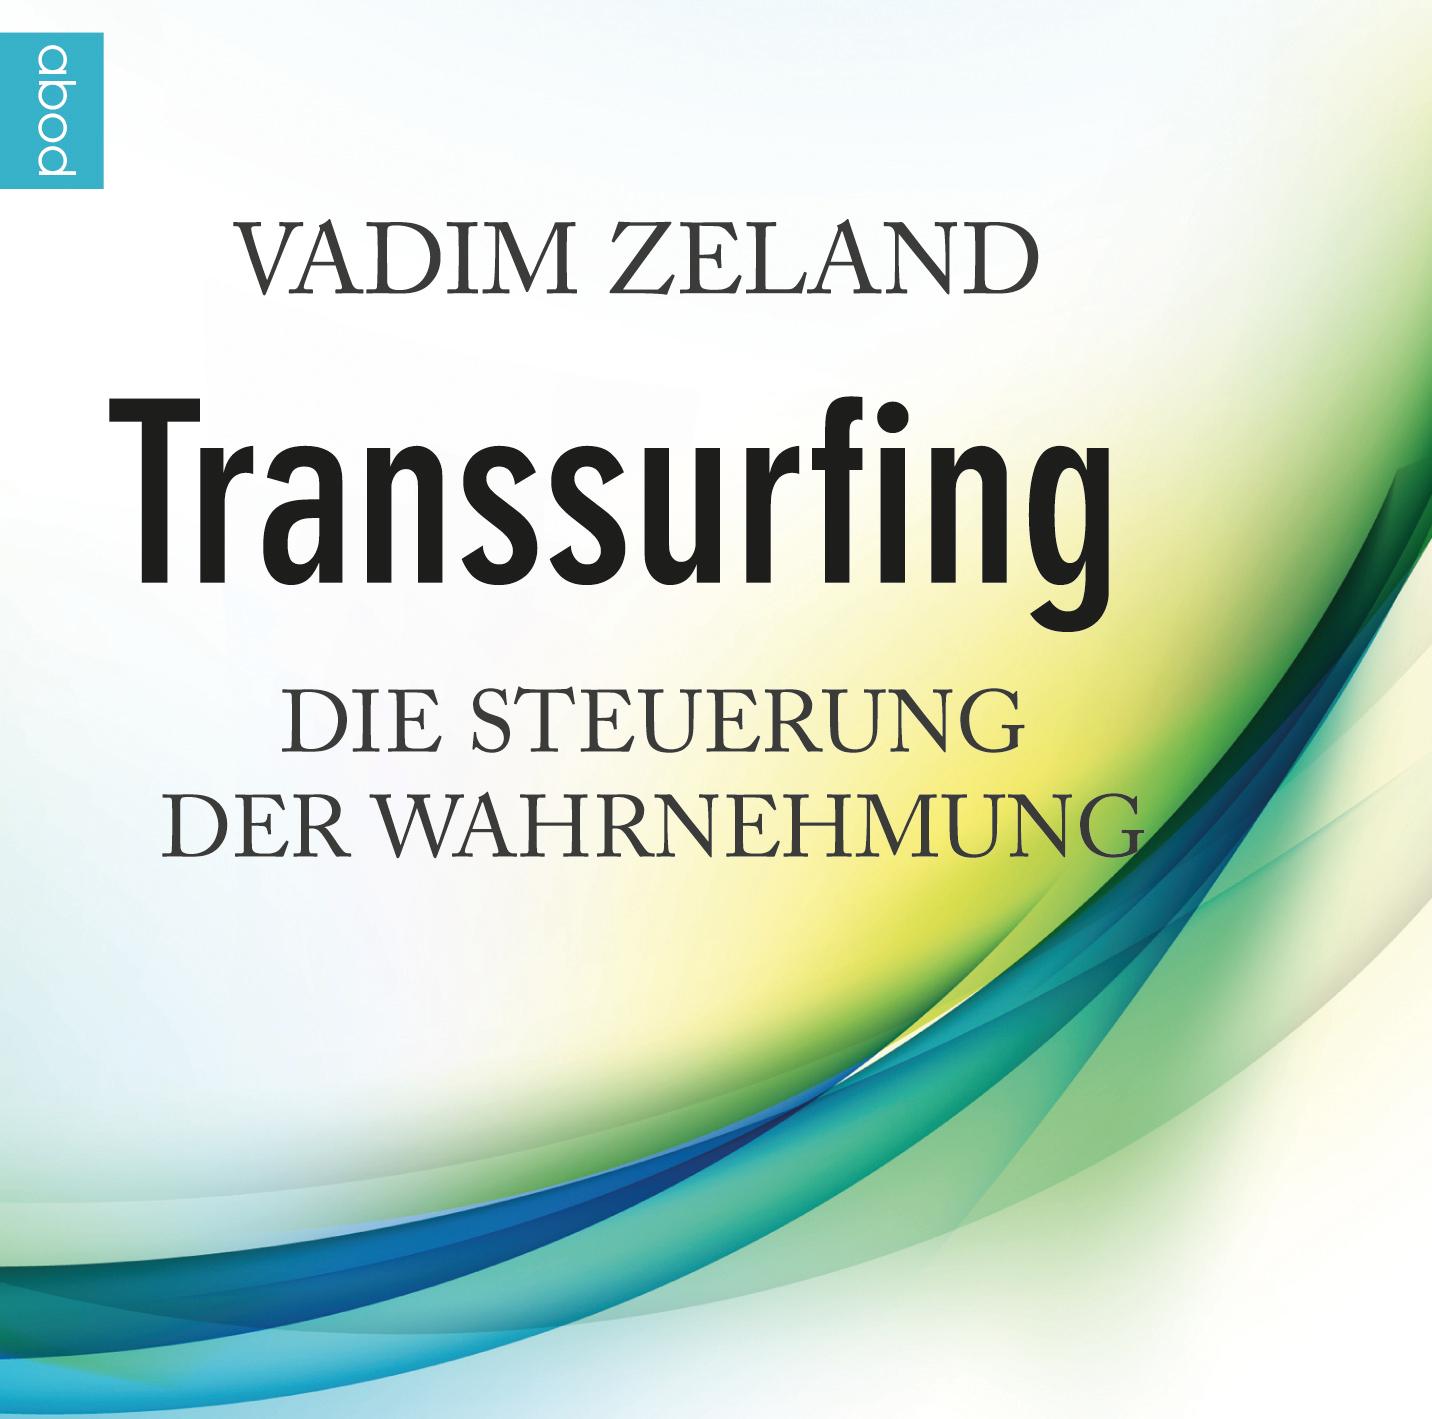 Transsurfing Vadim Zeland